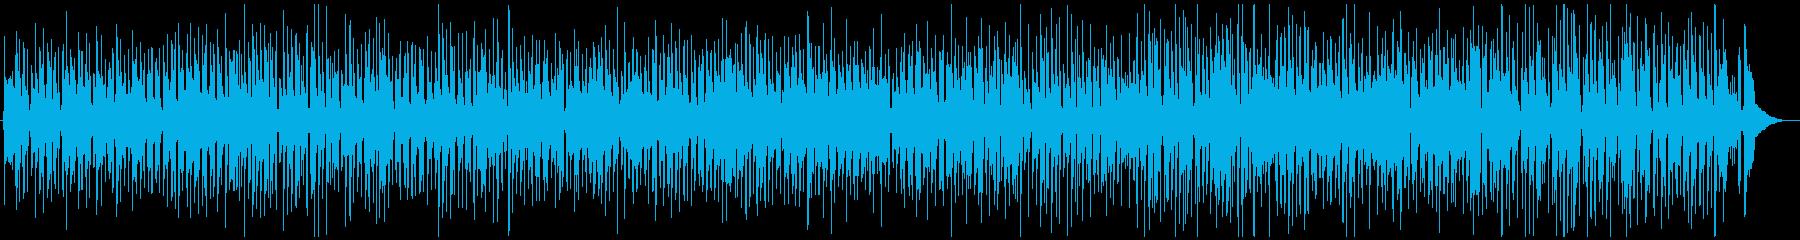 ディキシーランド ラグタイム ワー...の再生済みの波形